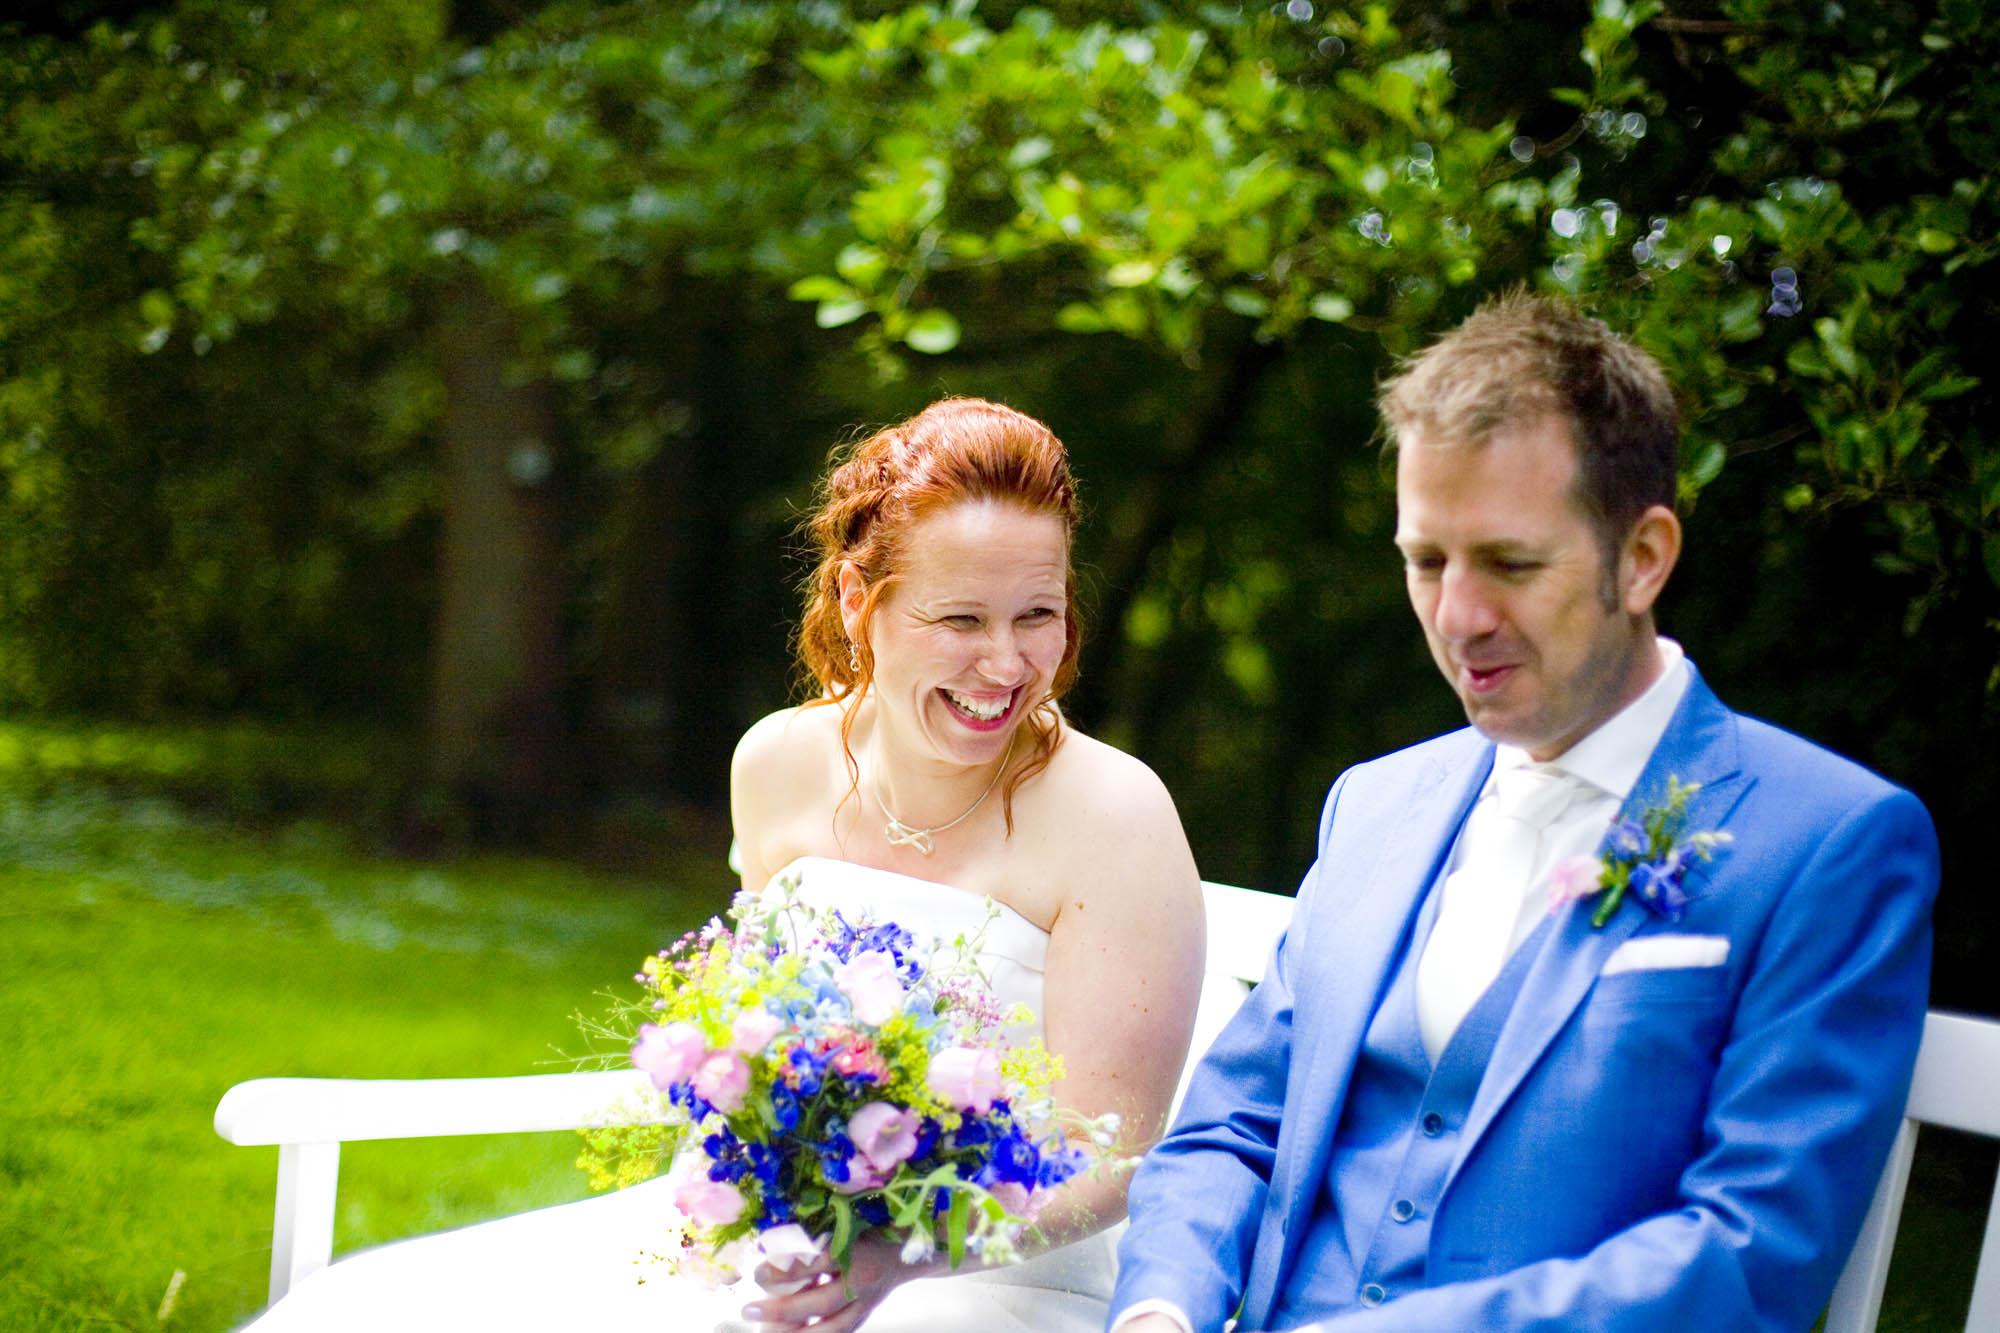 Bruidspaar tijdens ceremonie bruiloft De Hertenhorst Delft bruidspaar ceremonie buiten